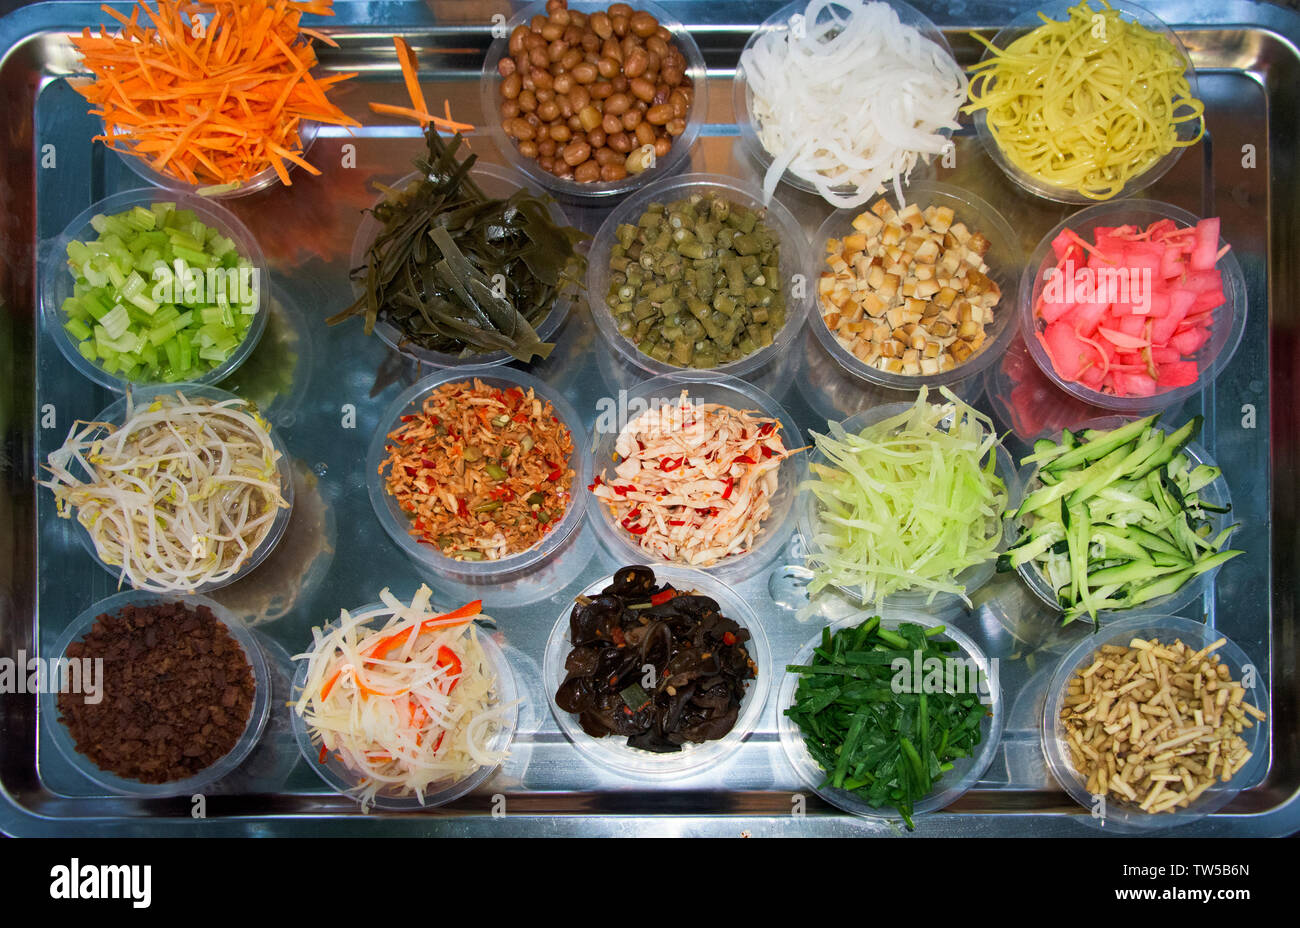 Food, Zhenyuan, Guizhou Province, China Stock Photo